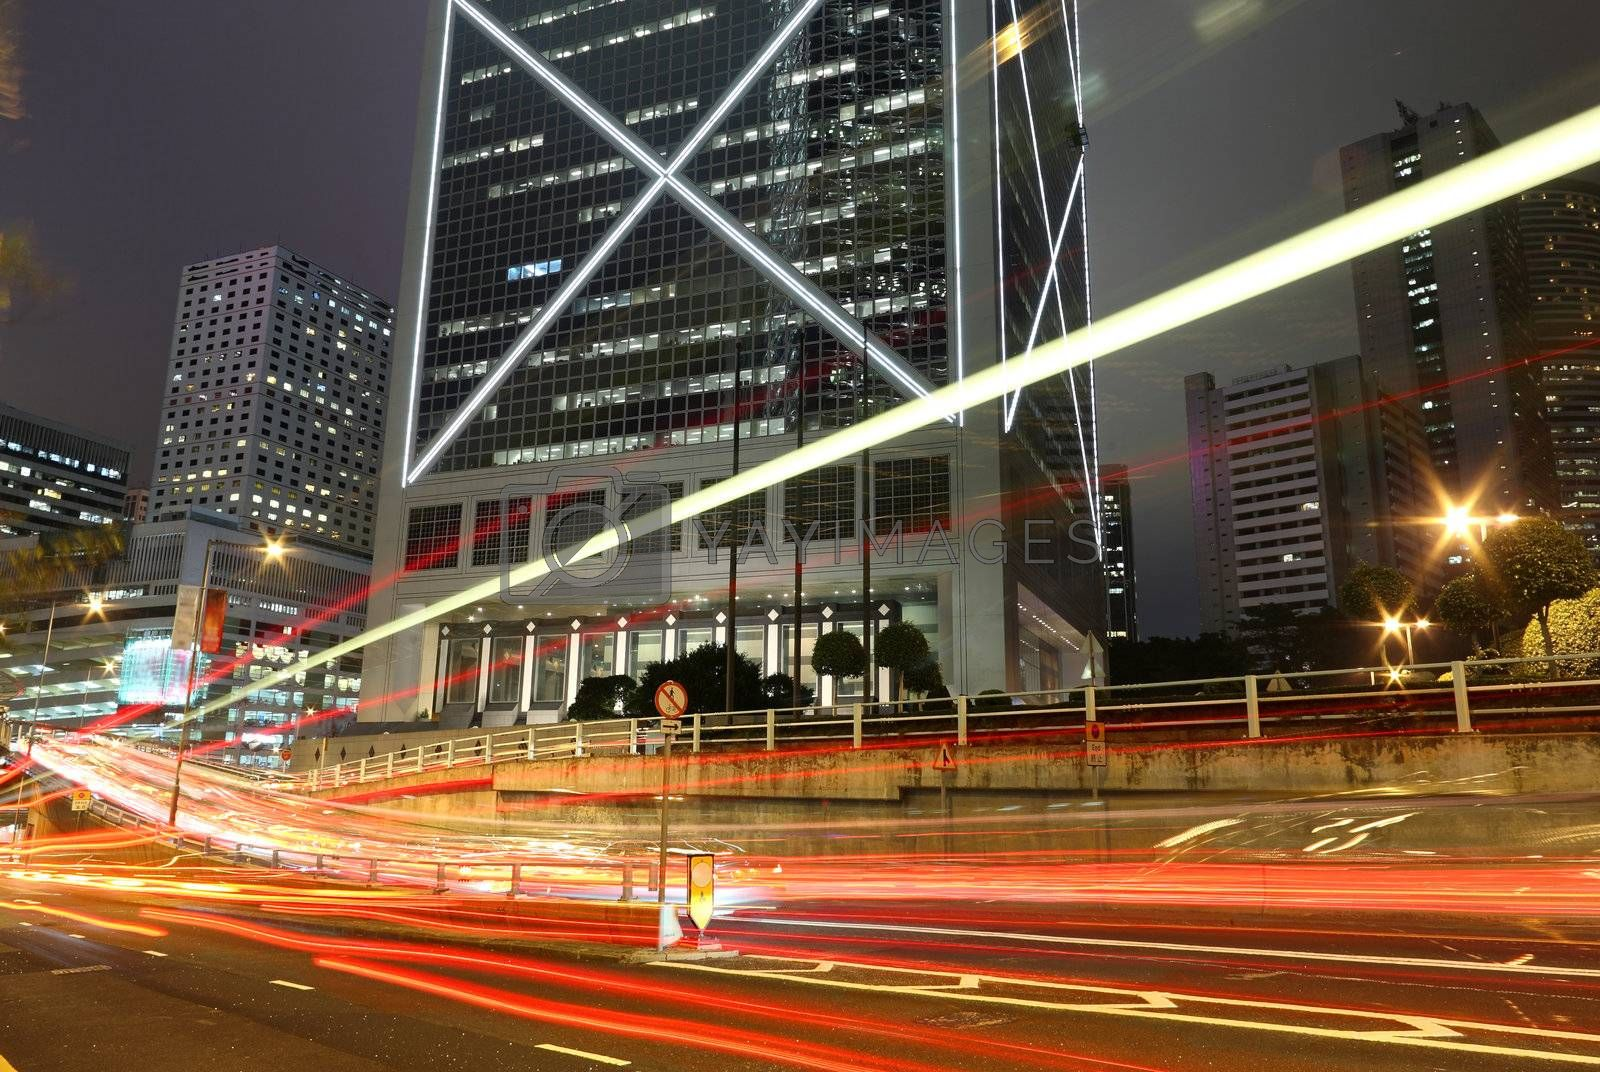 Royalty free image of Hong Kong night by leungchopan